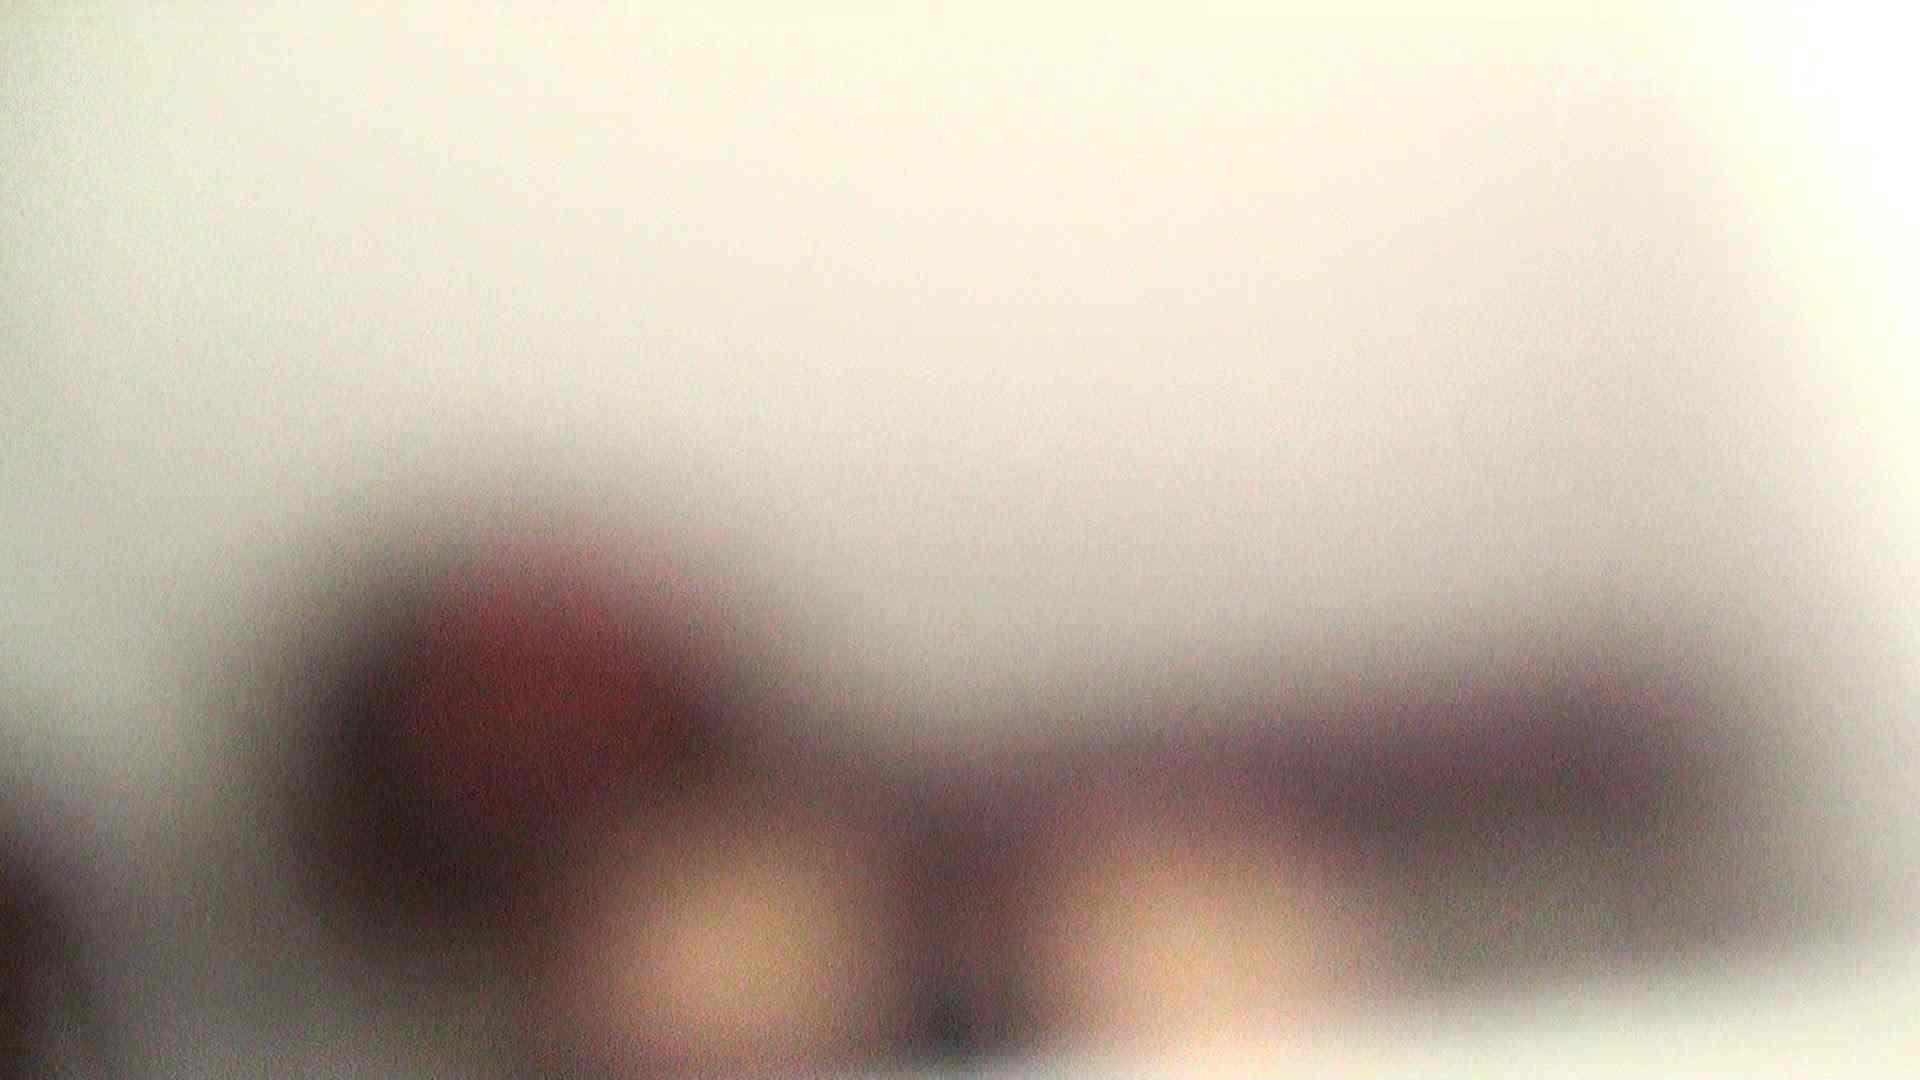 ※100個限定販売 至高下半身盗撮 プレミアム Vol.8 ハイビジョン 丸見え エロ画像 100枚 95